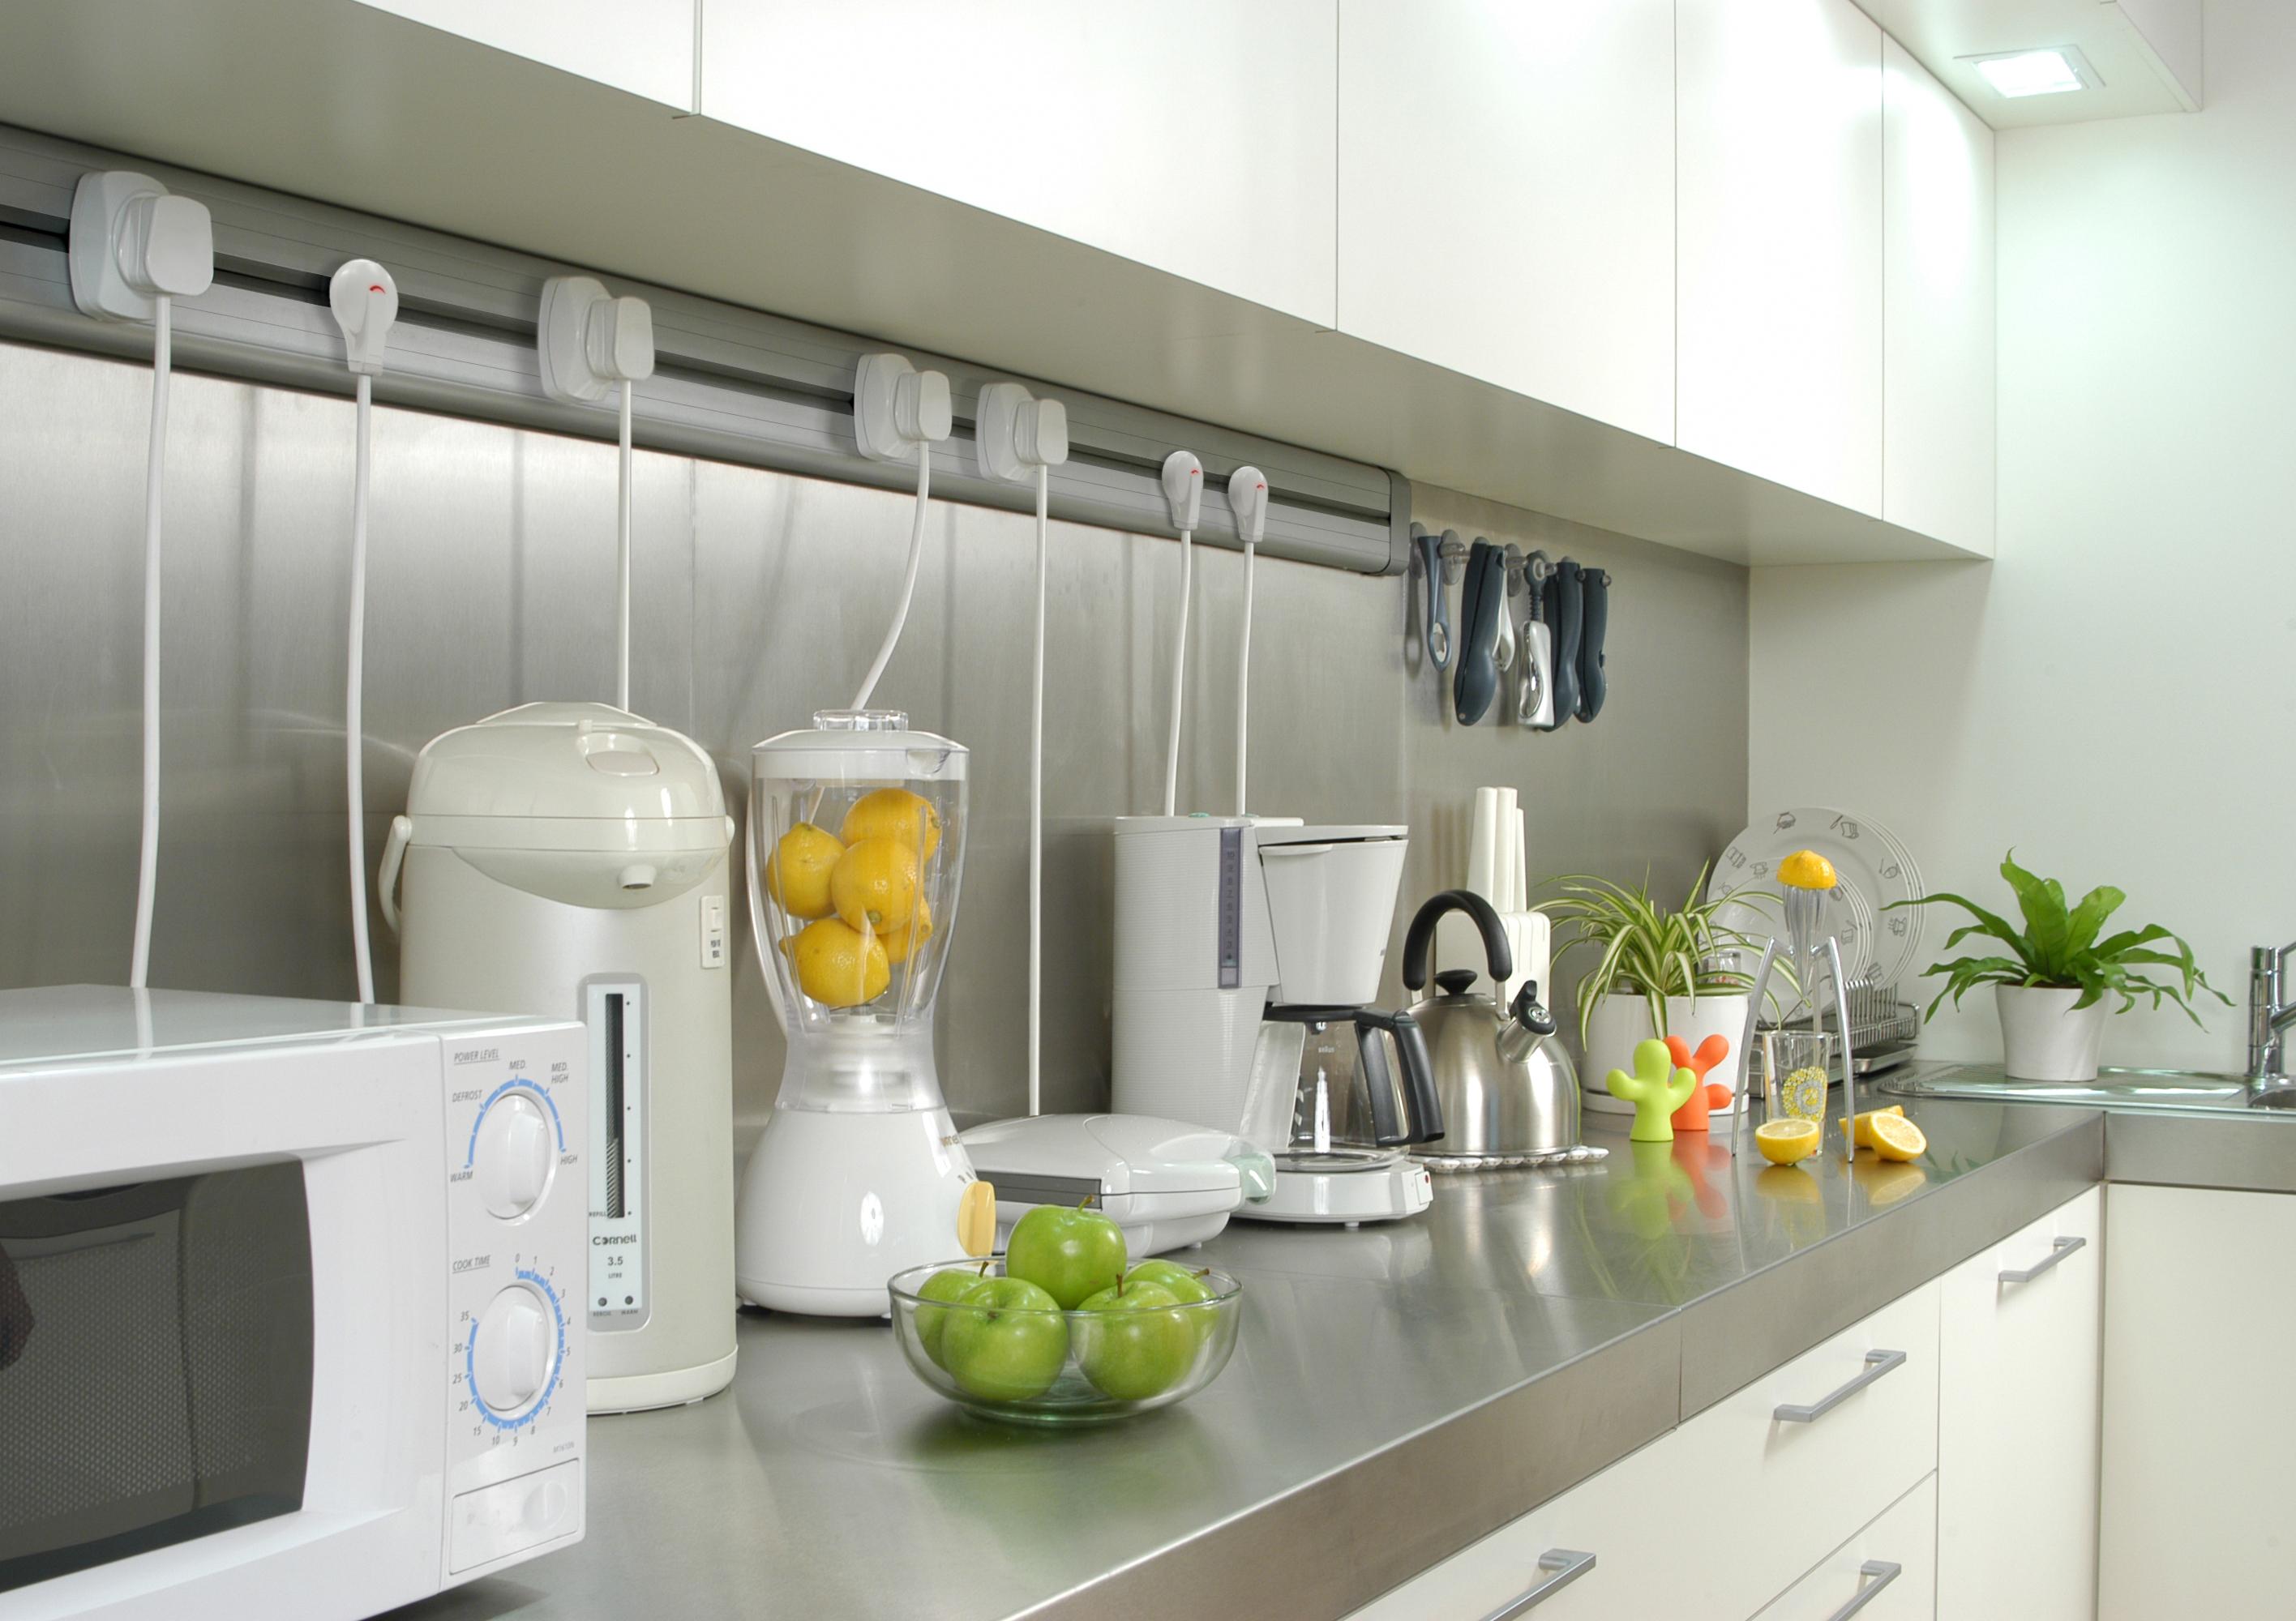 Solutii de conectare pentru bucatarii, livinguri, birouri, sali de conferinta, ateliere, spatii comerciale ACCESORIA GROUP - Poza 2